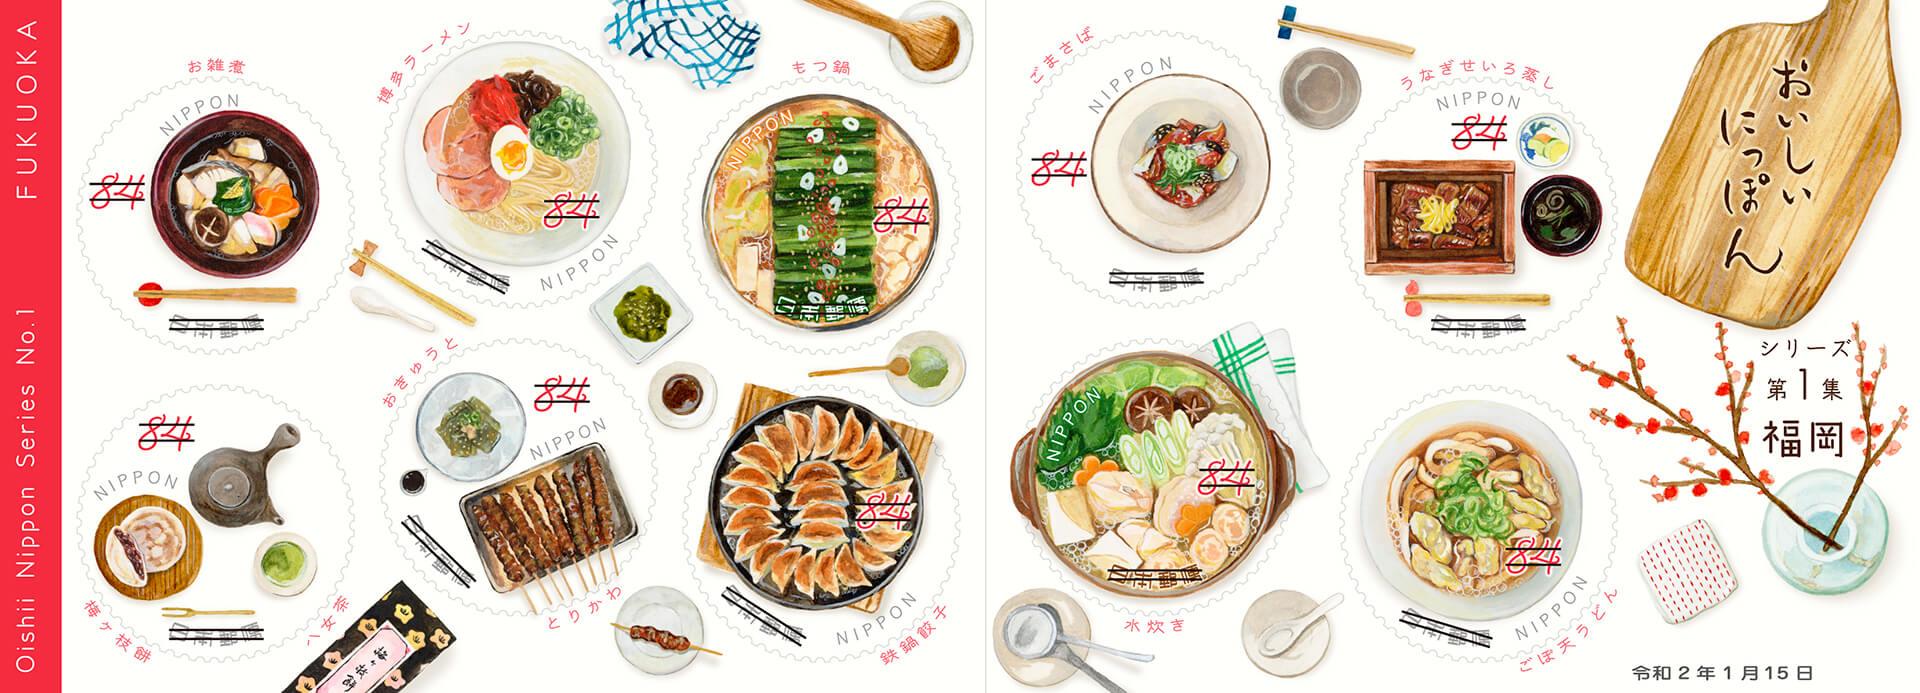 特殊切手「おいしいにっぽんシリーズ第1集」